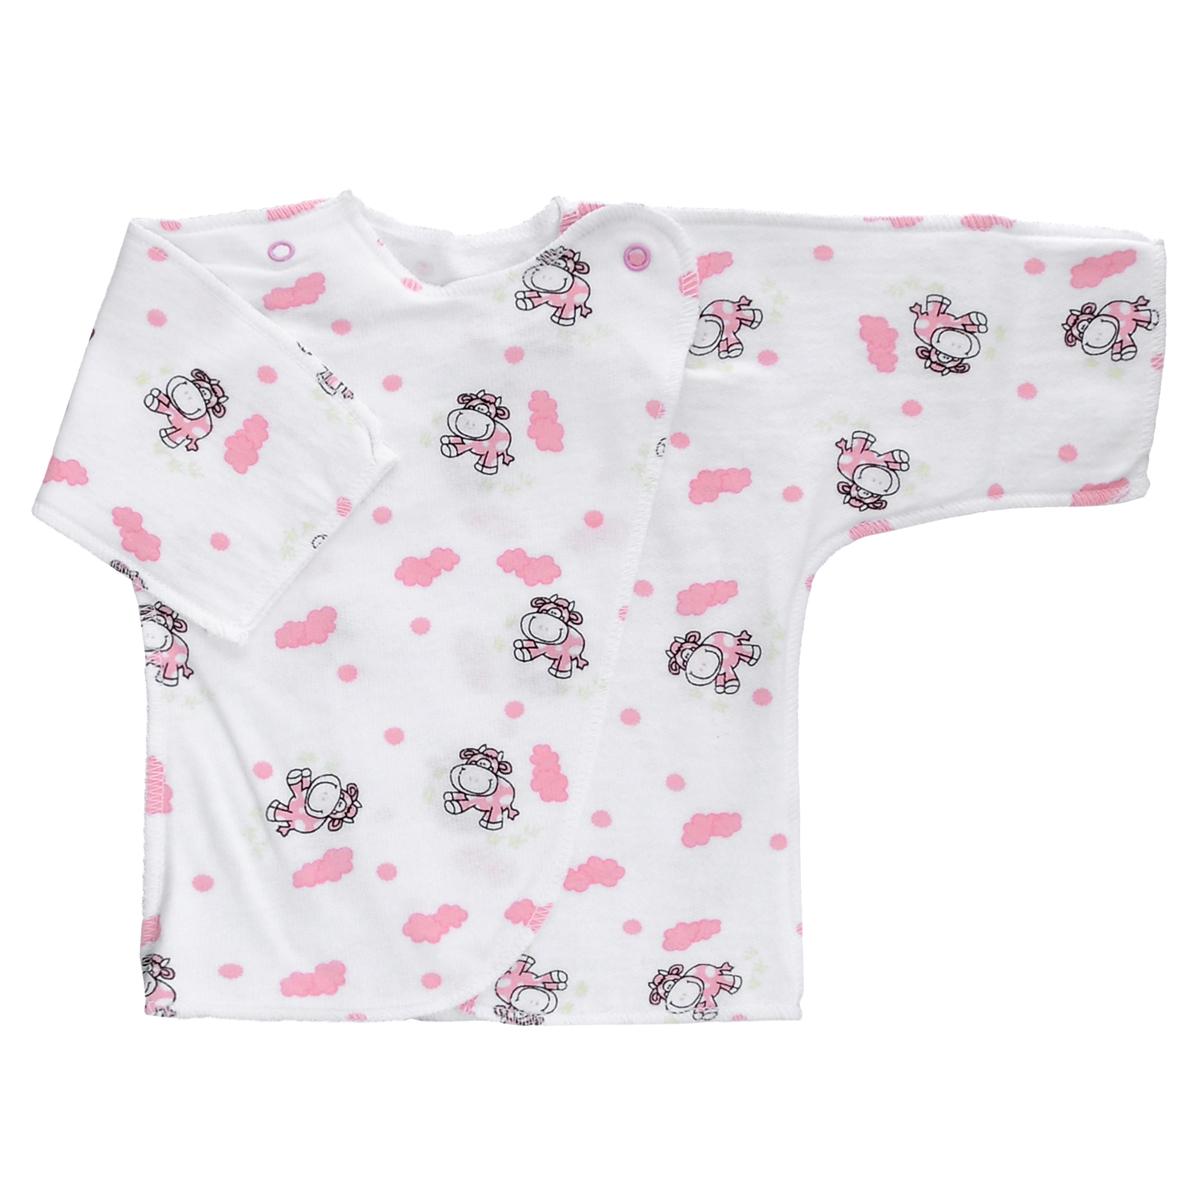 Распашонка Трон-Плюс, цвет: белый, розовый, рисунок коровы. 5022. Размер 56, 1 месяц5022Распашонка Трон-плюс послужит идеальным дополнением к гардеробу младенца. Распашонка с рукавами-кимоно, выполненная швами наружу, изготовлена из футера - натурального хлопка, благодаря чему она необычайно мягкая и легкая, не раздражает нежную кожу ребенка и хорошо вентилируется, а эластичные швы приятны телу малыша и не препятствуют его движениям. Распашонка с запахом, застегивается при помощи двух кнопок на плечах, которые позволяют без труда переодеть ребенка. Распашонка полностью соответствует особенностям жизни ребенка в ранний период, не стесняя и не ограничивая его в движениях.